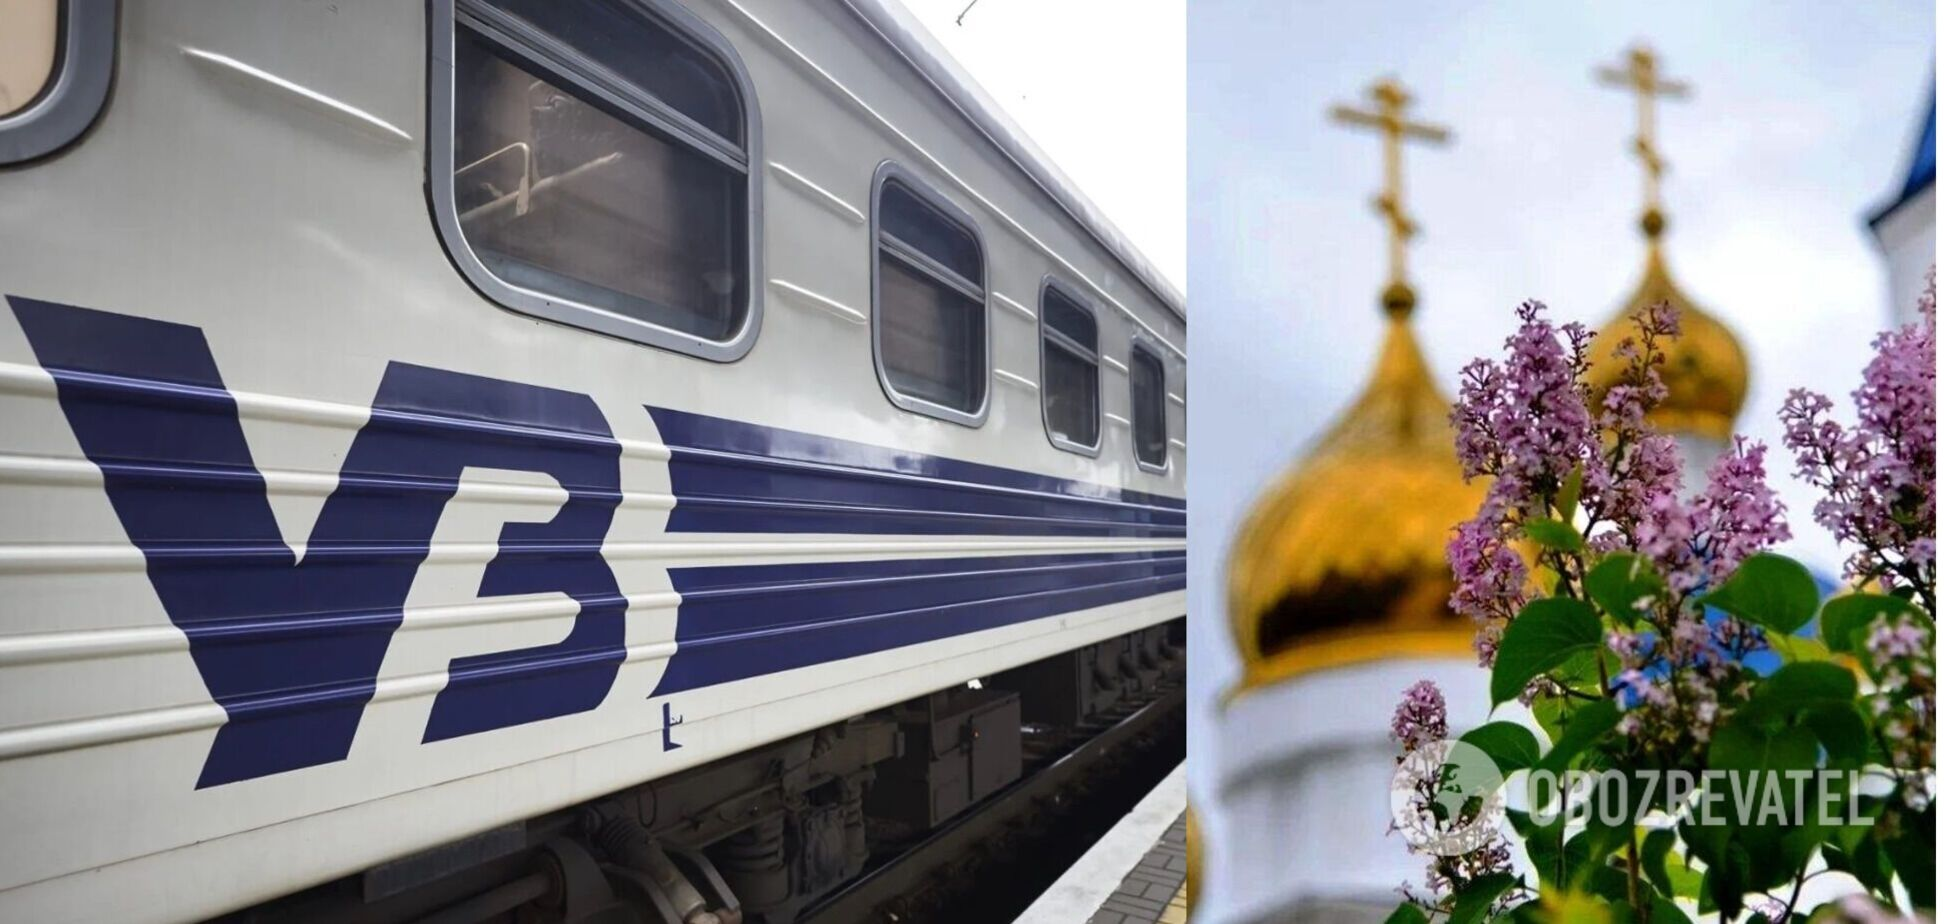 'Укрзалізниця' запустить додаткові поїзди на Великдень: названо популярні напрямки